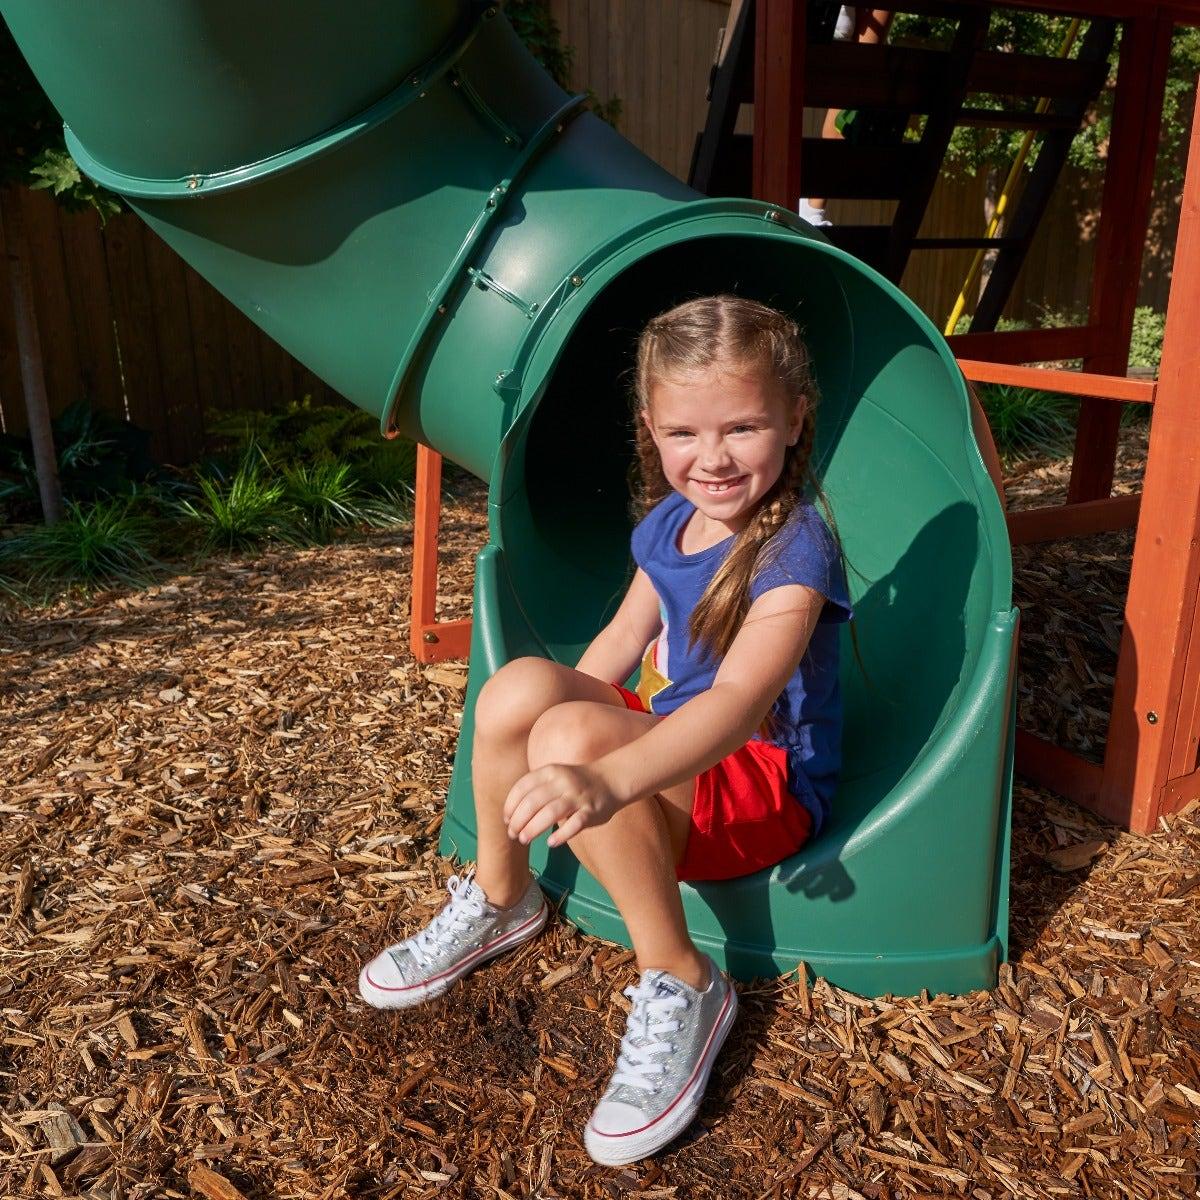 Twist-n-Ride tube slide